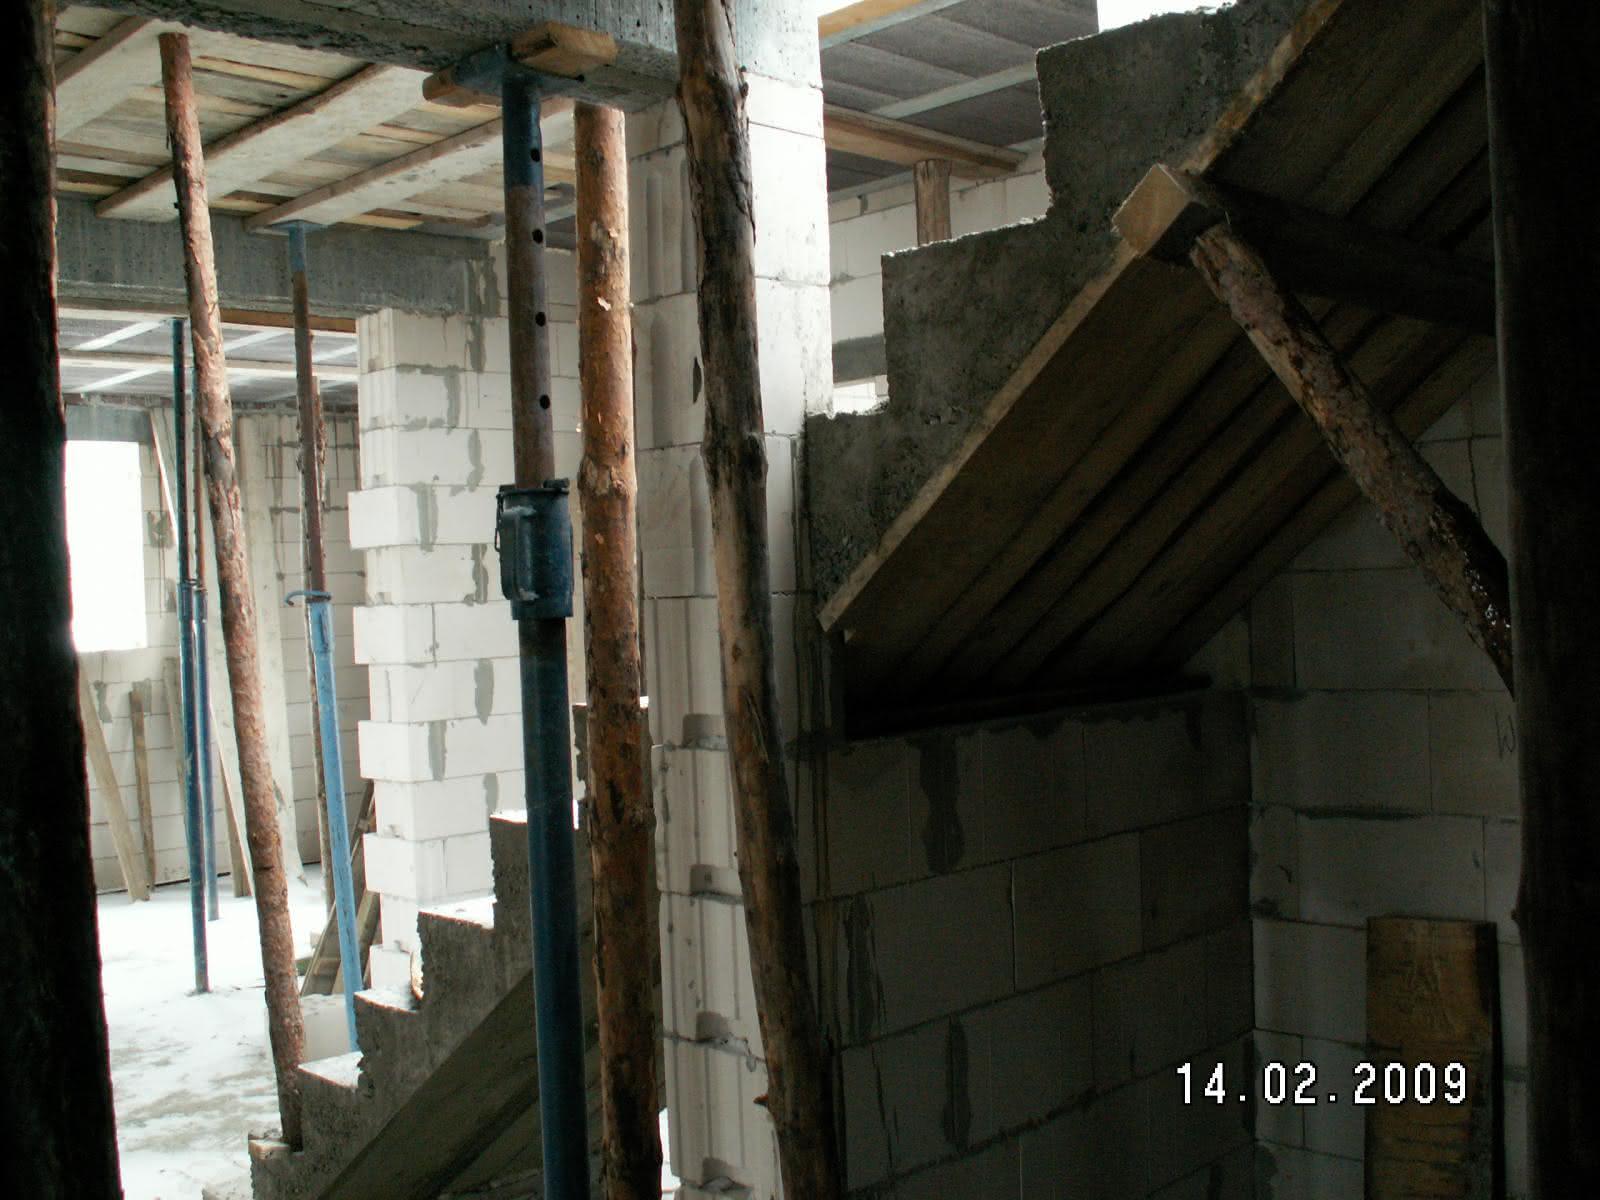 schody po wylaniu (widok z łazienki)